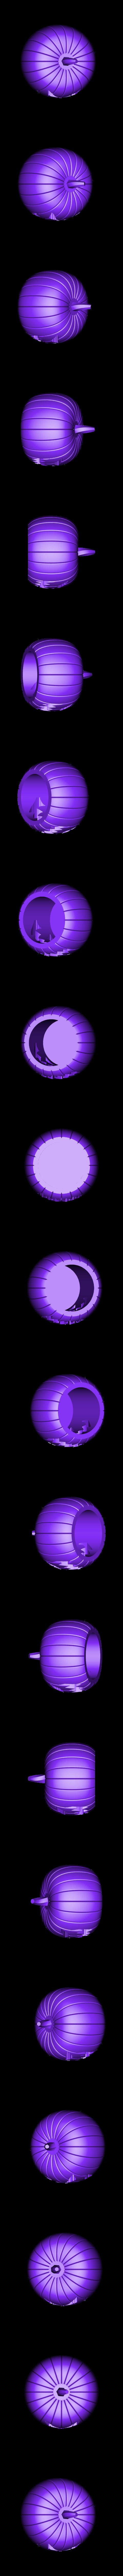 Pumpkin_Face.stl Télécharger fichier STL gratuit Halloween Jack-o-Lantern • Design pour imprimante 3D, ChaosCoreTech